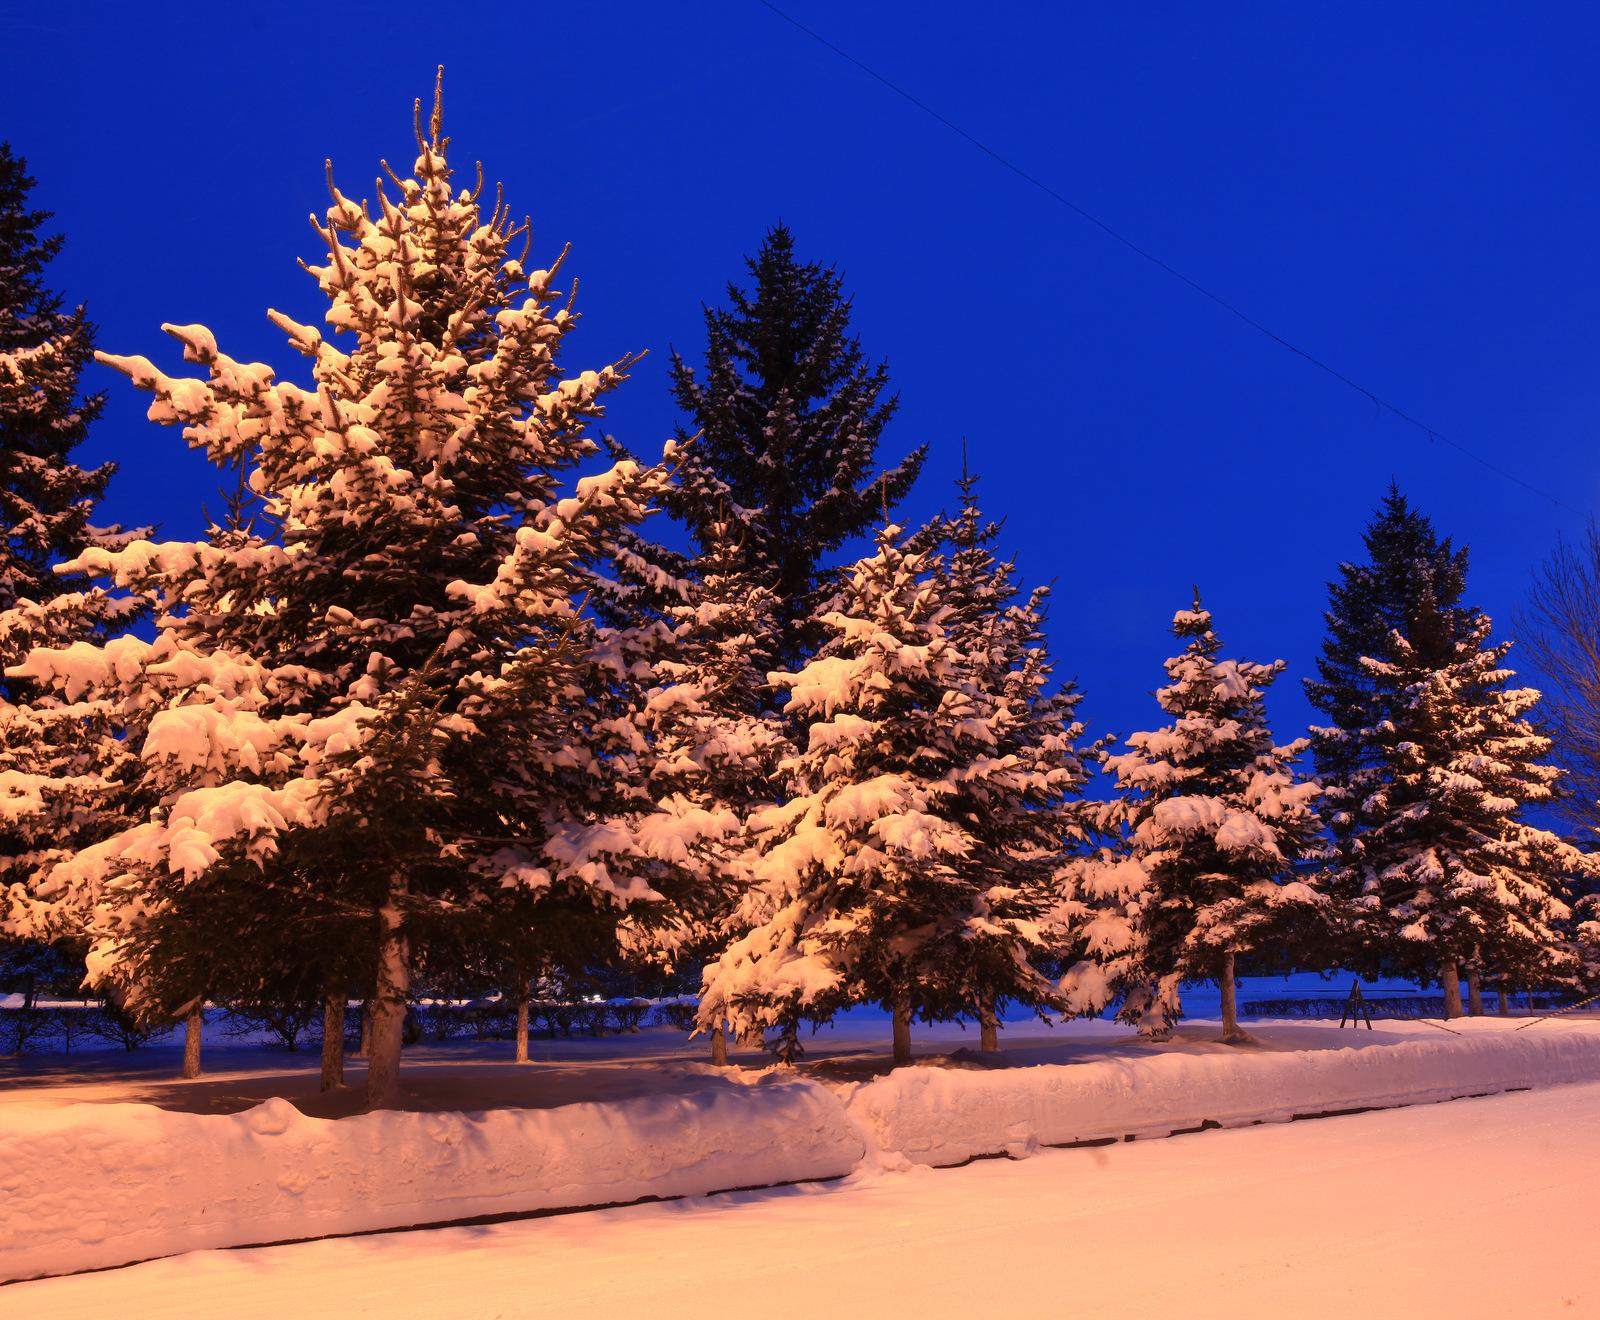 клубе биробиджан фото зимой мероприятия посадке уходу